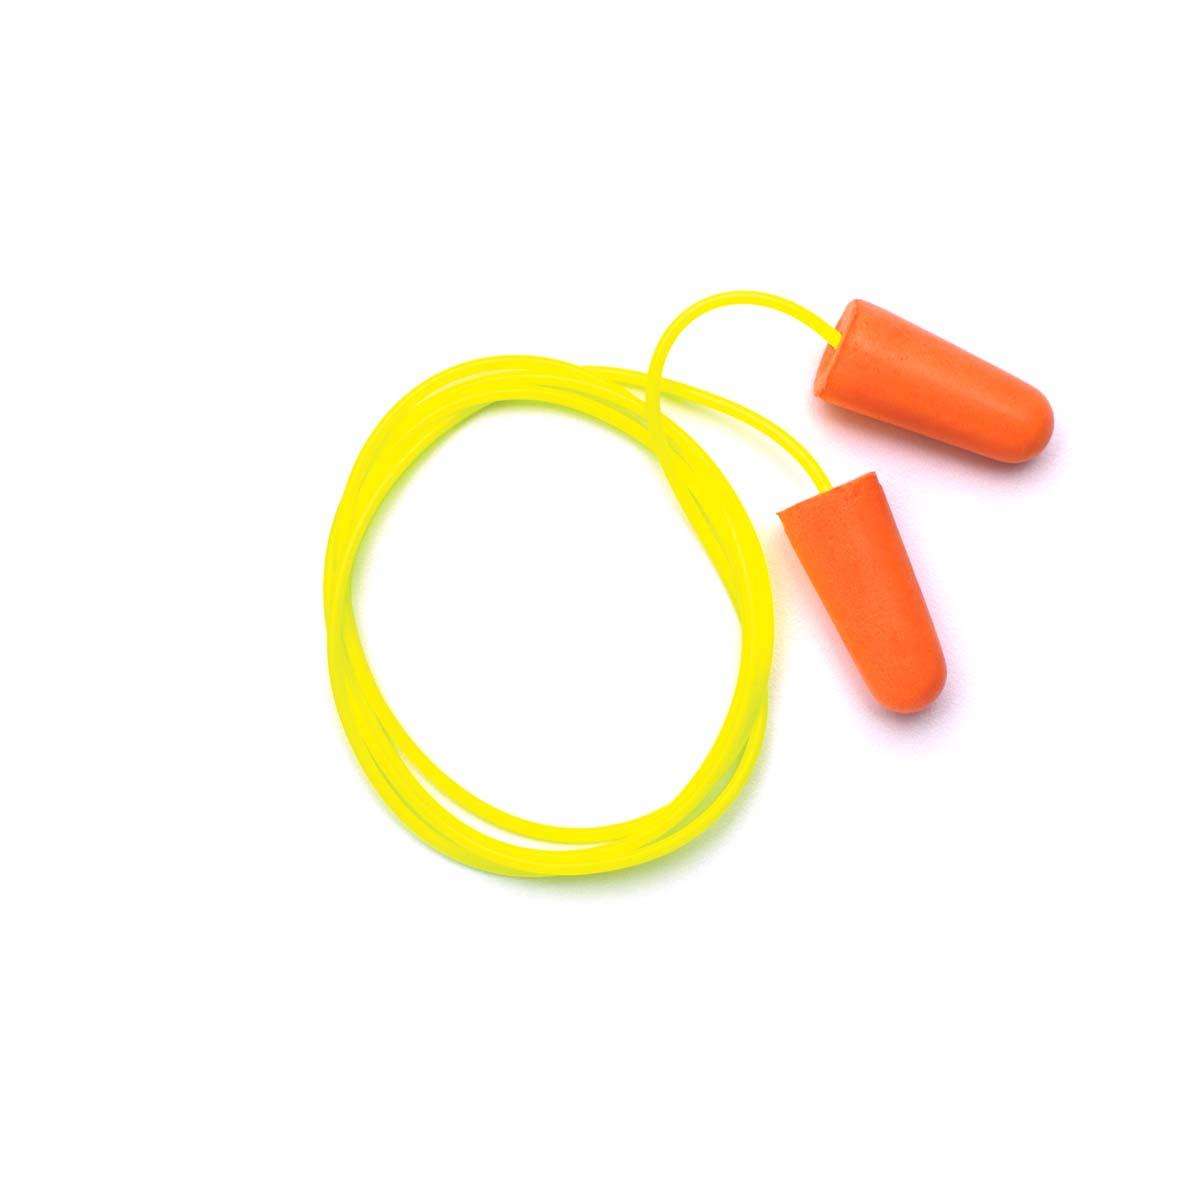 Pyramex DP1001 Disposable Corded Polyurethane Foam Ear Plugs - 31 NRR